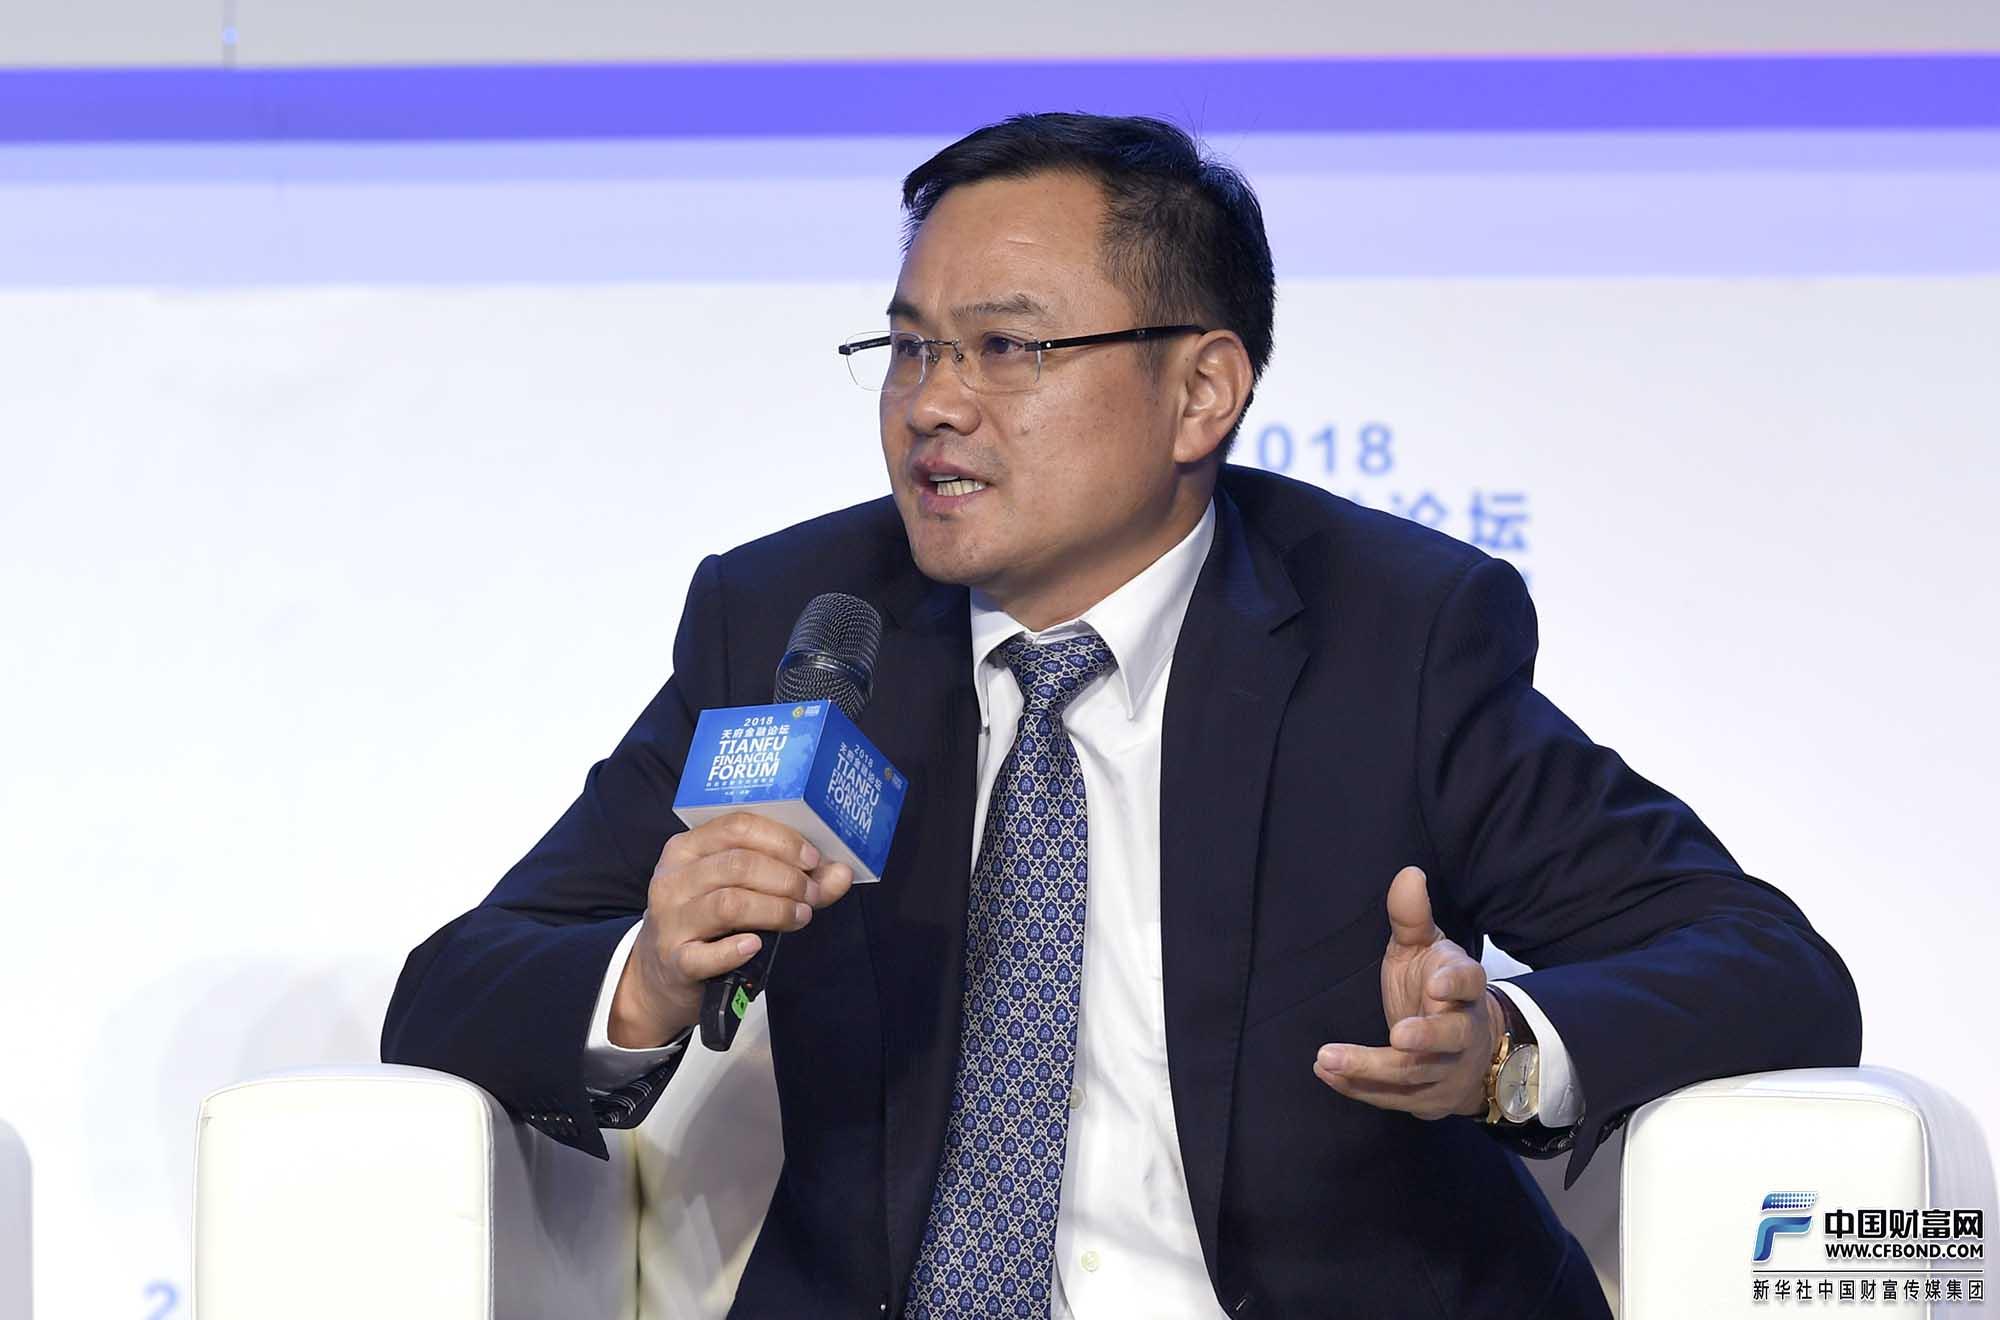 京东金融集团副总裁李尚荣